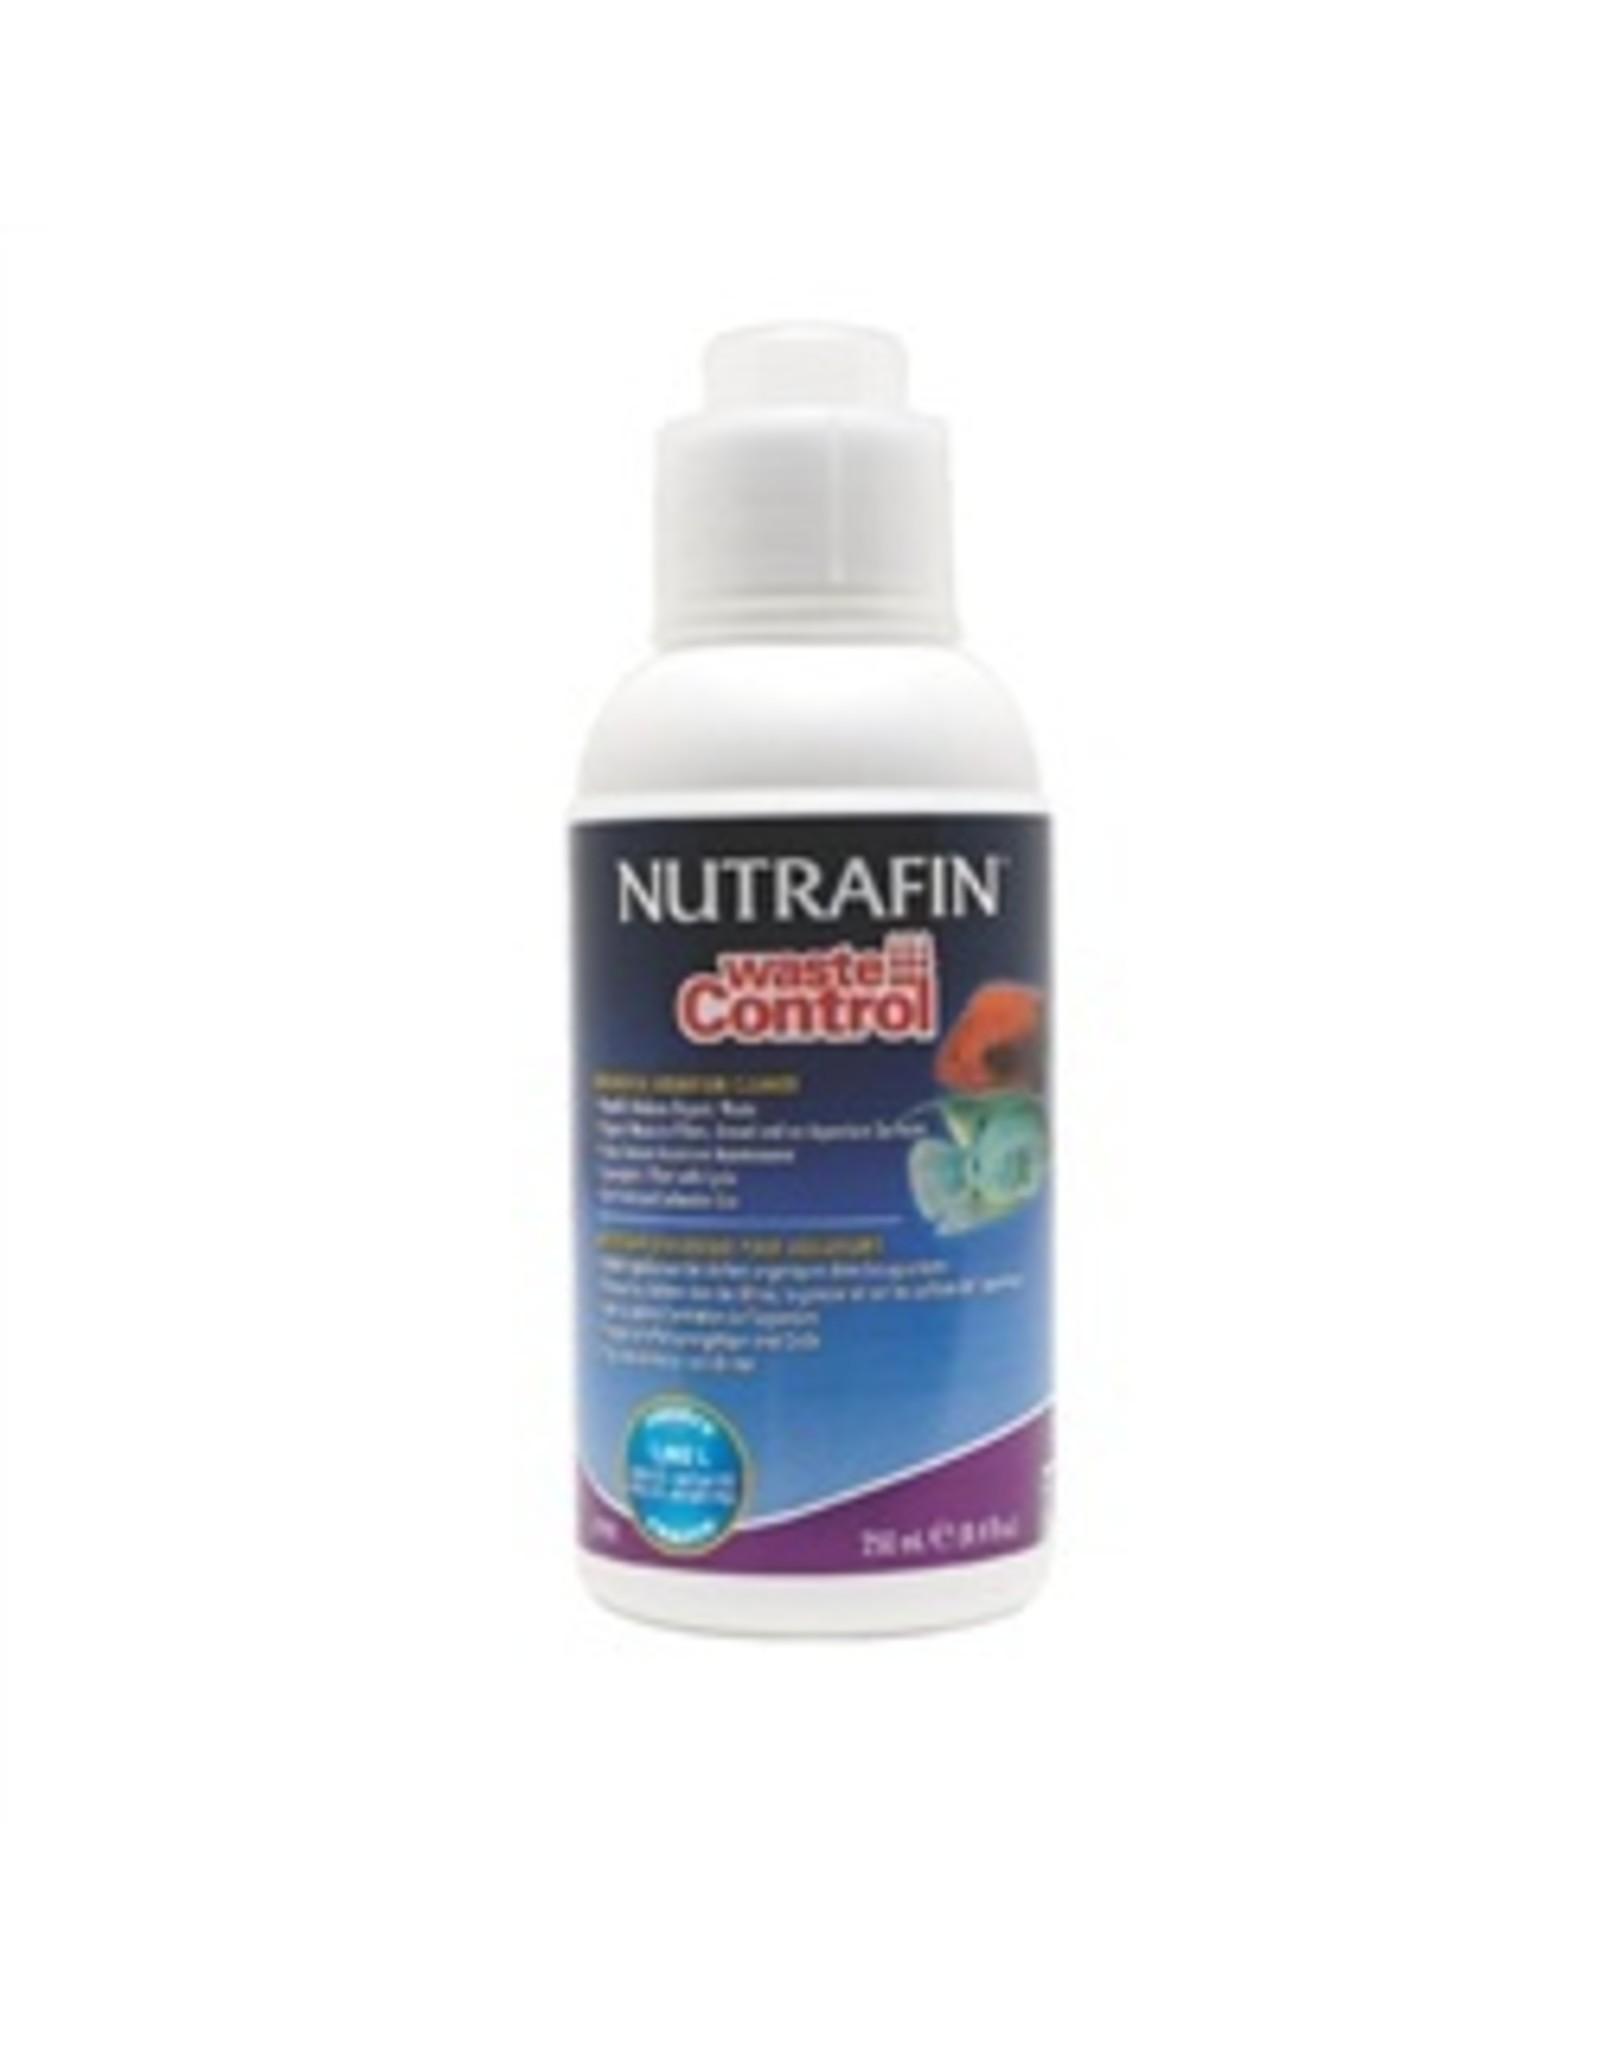 NutraFin NUTRAFIN Waste Control